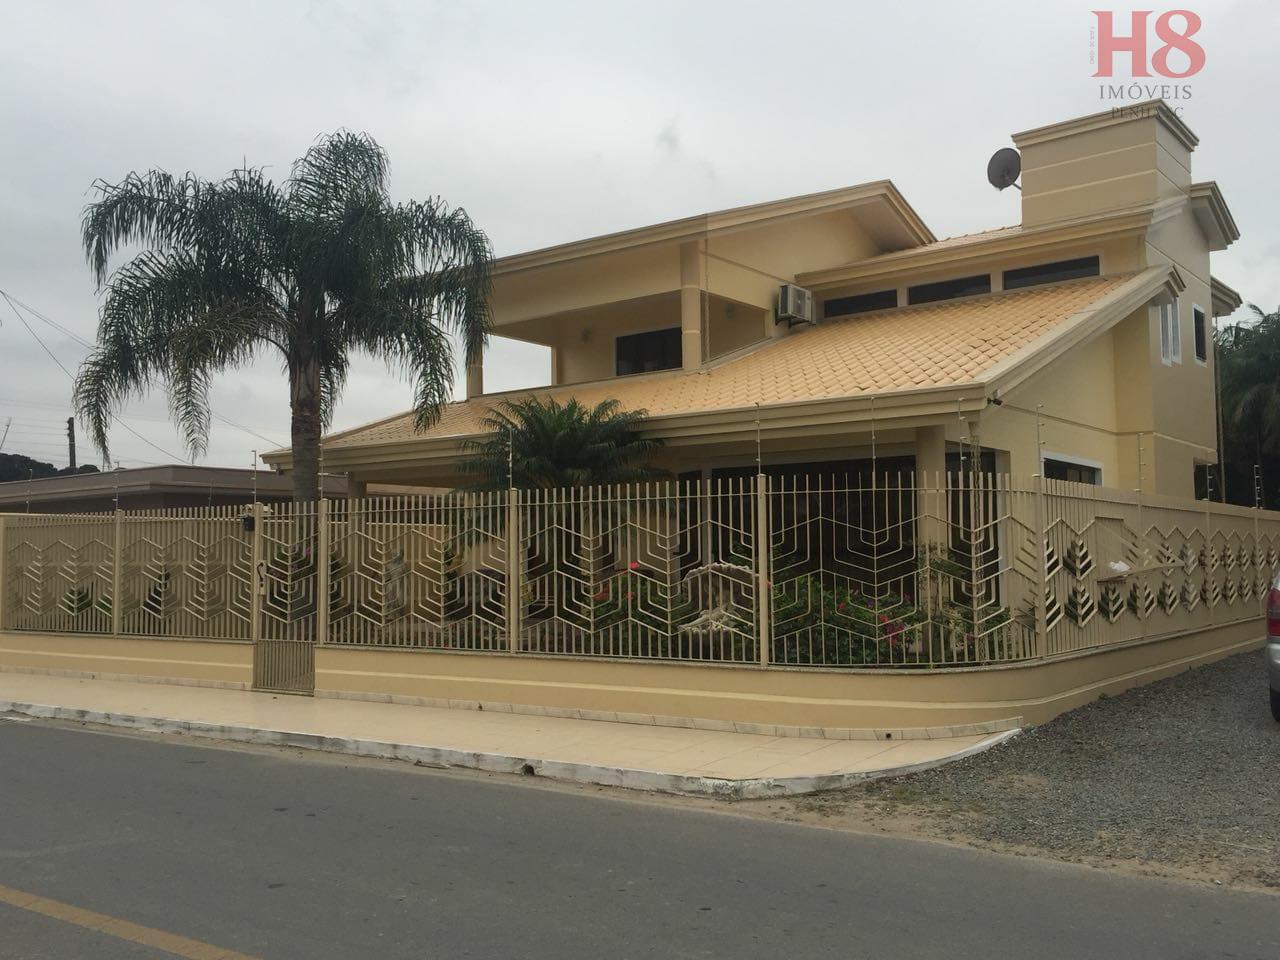 Casa com 3 dormitórios à venda, 220 m² por R$ 1.050.000 - Gravatá - Penha/SC